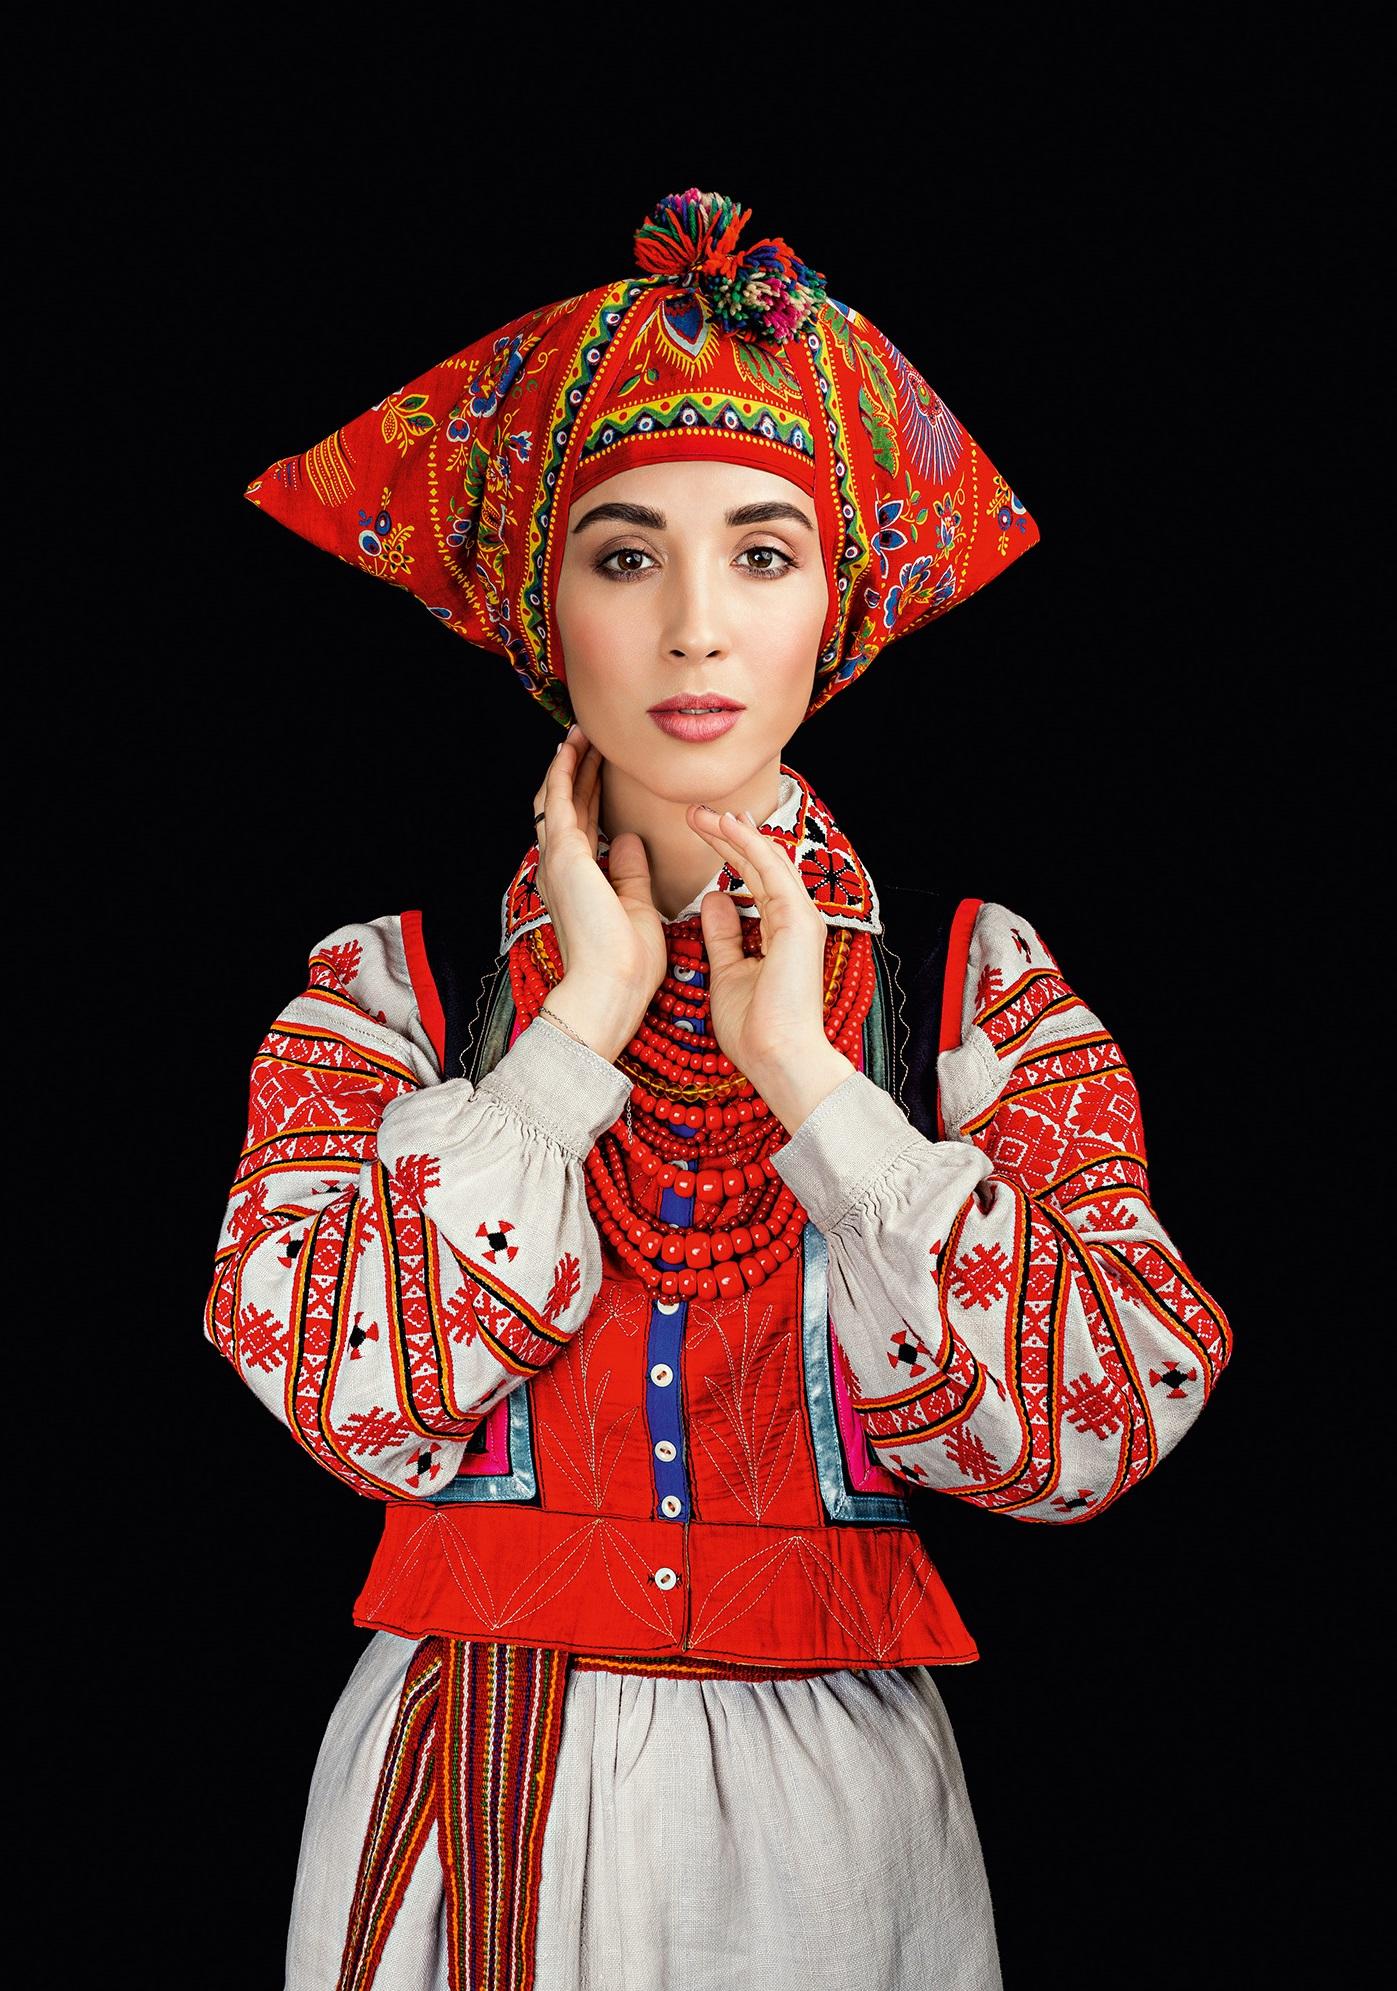 Кароль, Фреймут, Єфросиніна вбралися у розкішне українське вбрання - фото 1